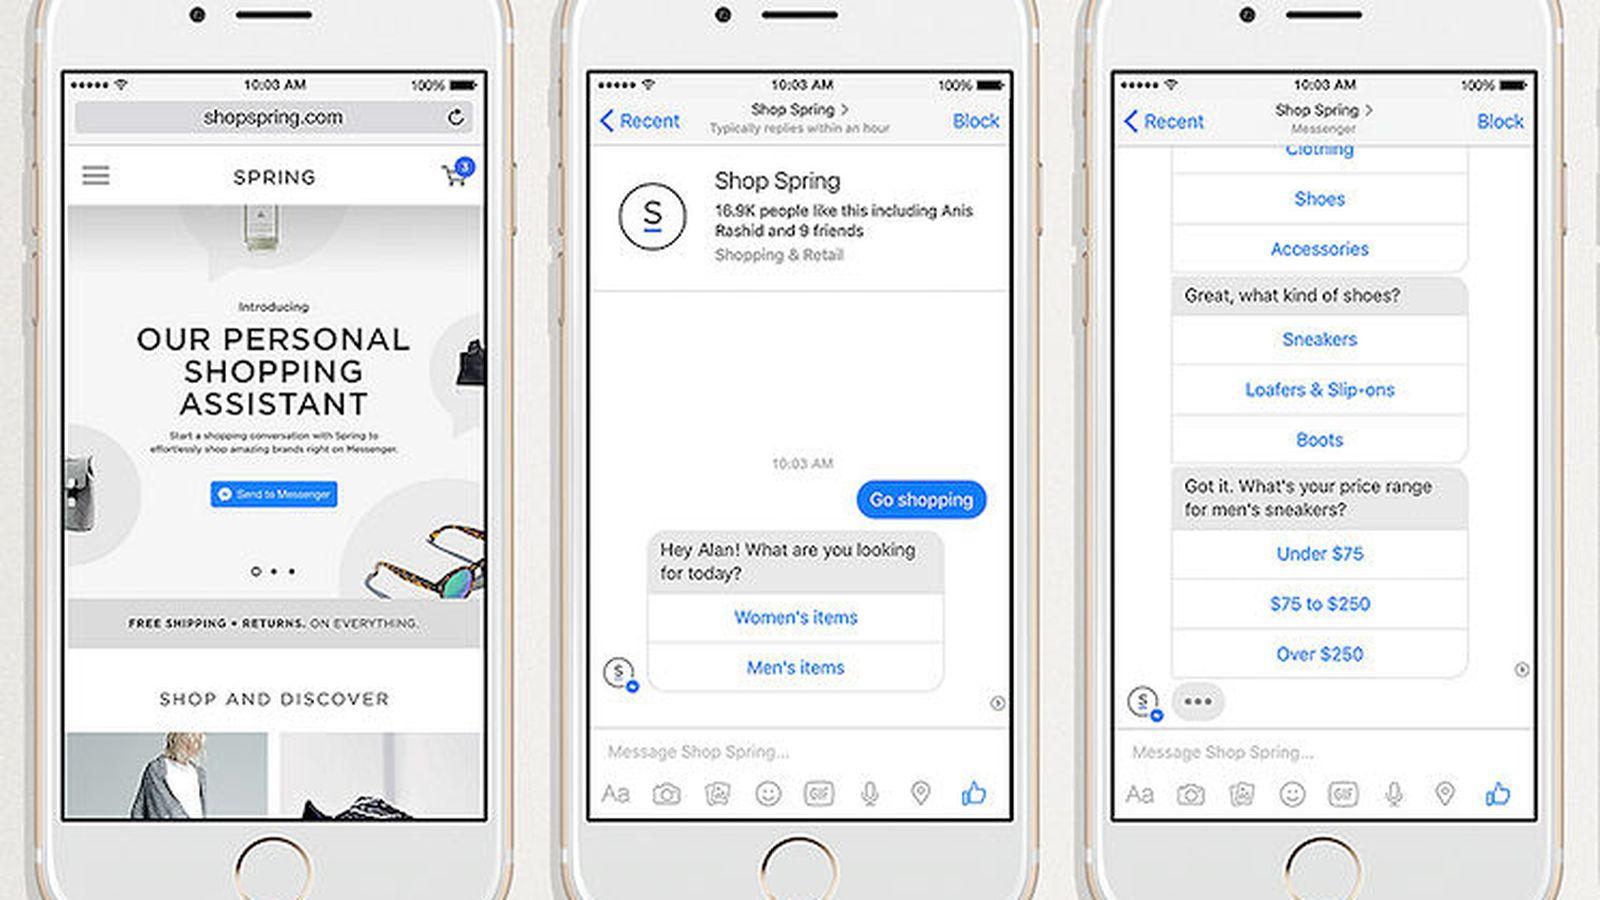 Otras de las novedades que planea incluir Facebook es un acceso directo para que, desde la página de una empresa o una tienda, puedas iniciar una conversación con su bot inteligente en Messenger e informarte sobre un producto o servicio.